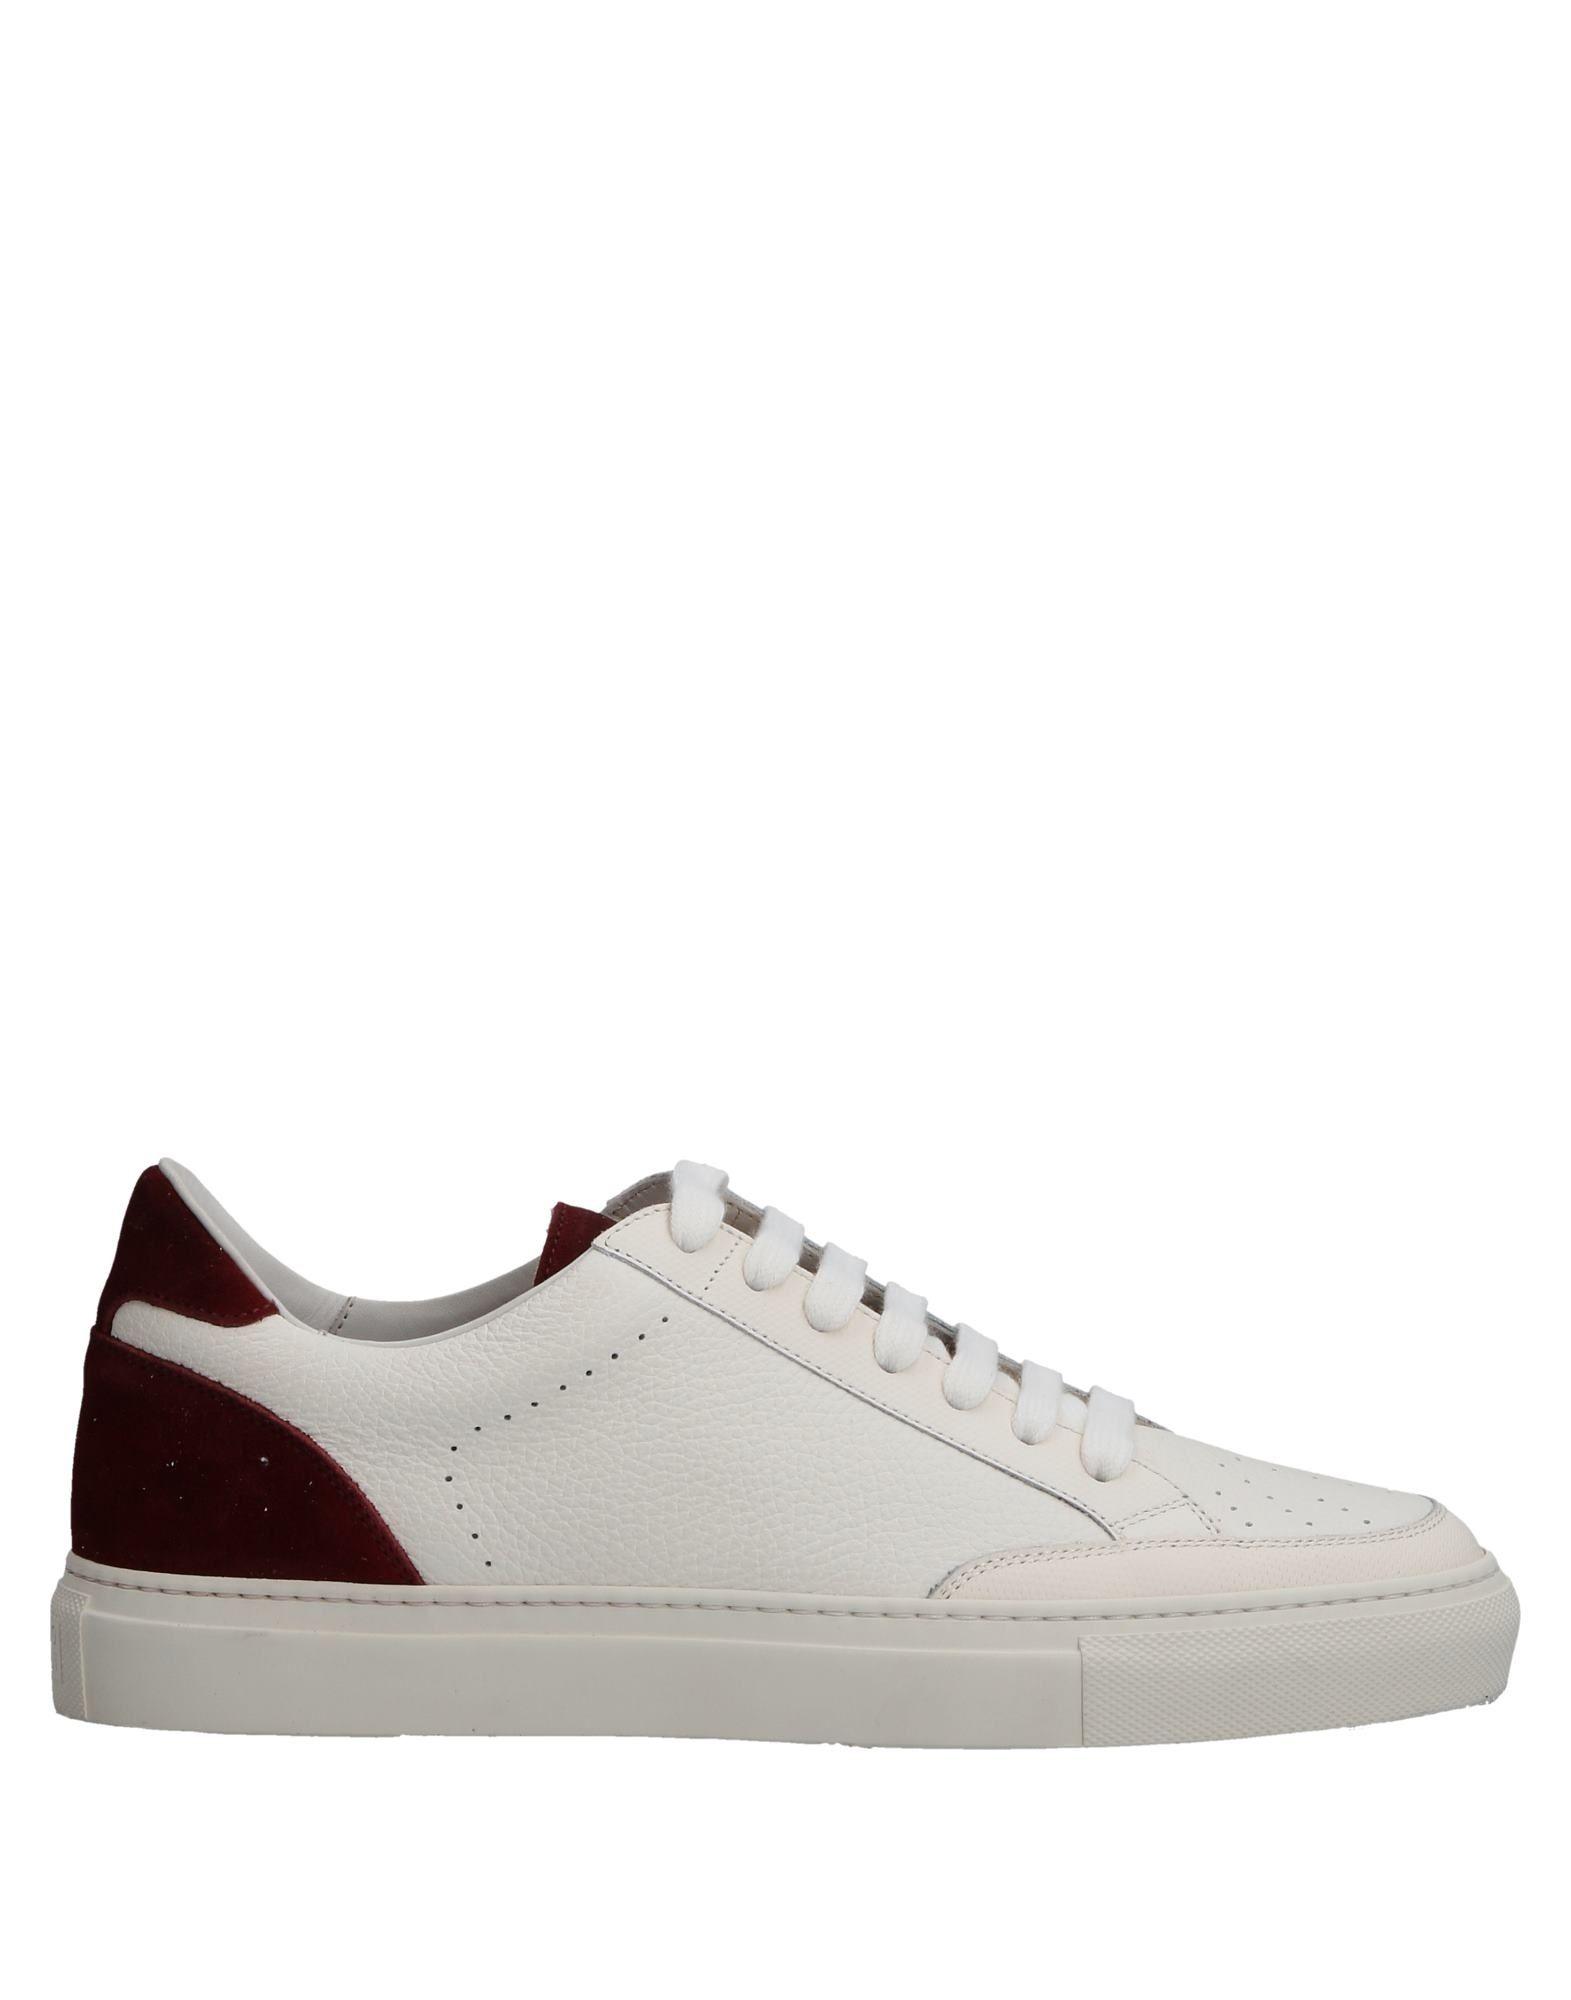 Brunello Cucinelli Sneakers Herren  11504871SN Gute Qualität beliebte Schuhe